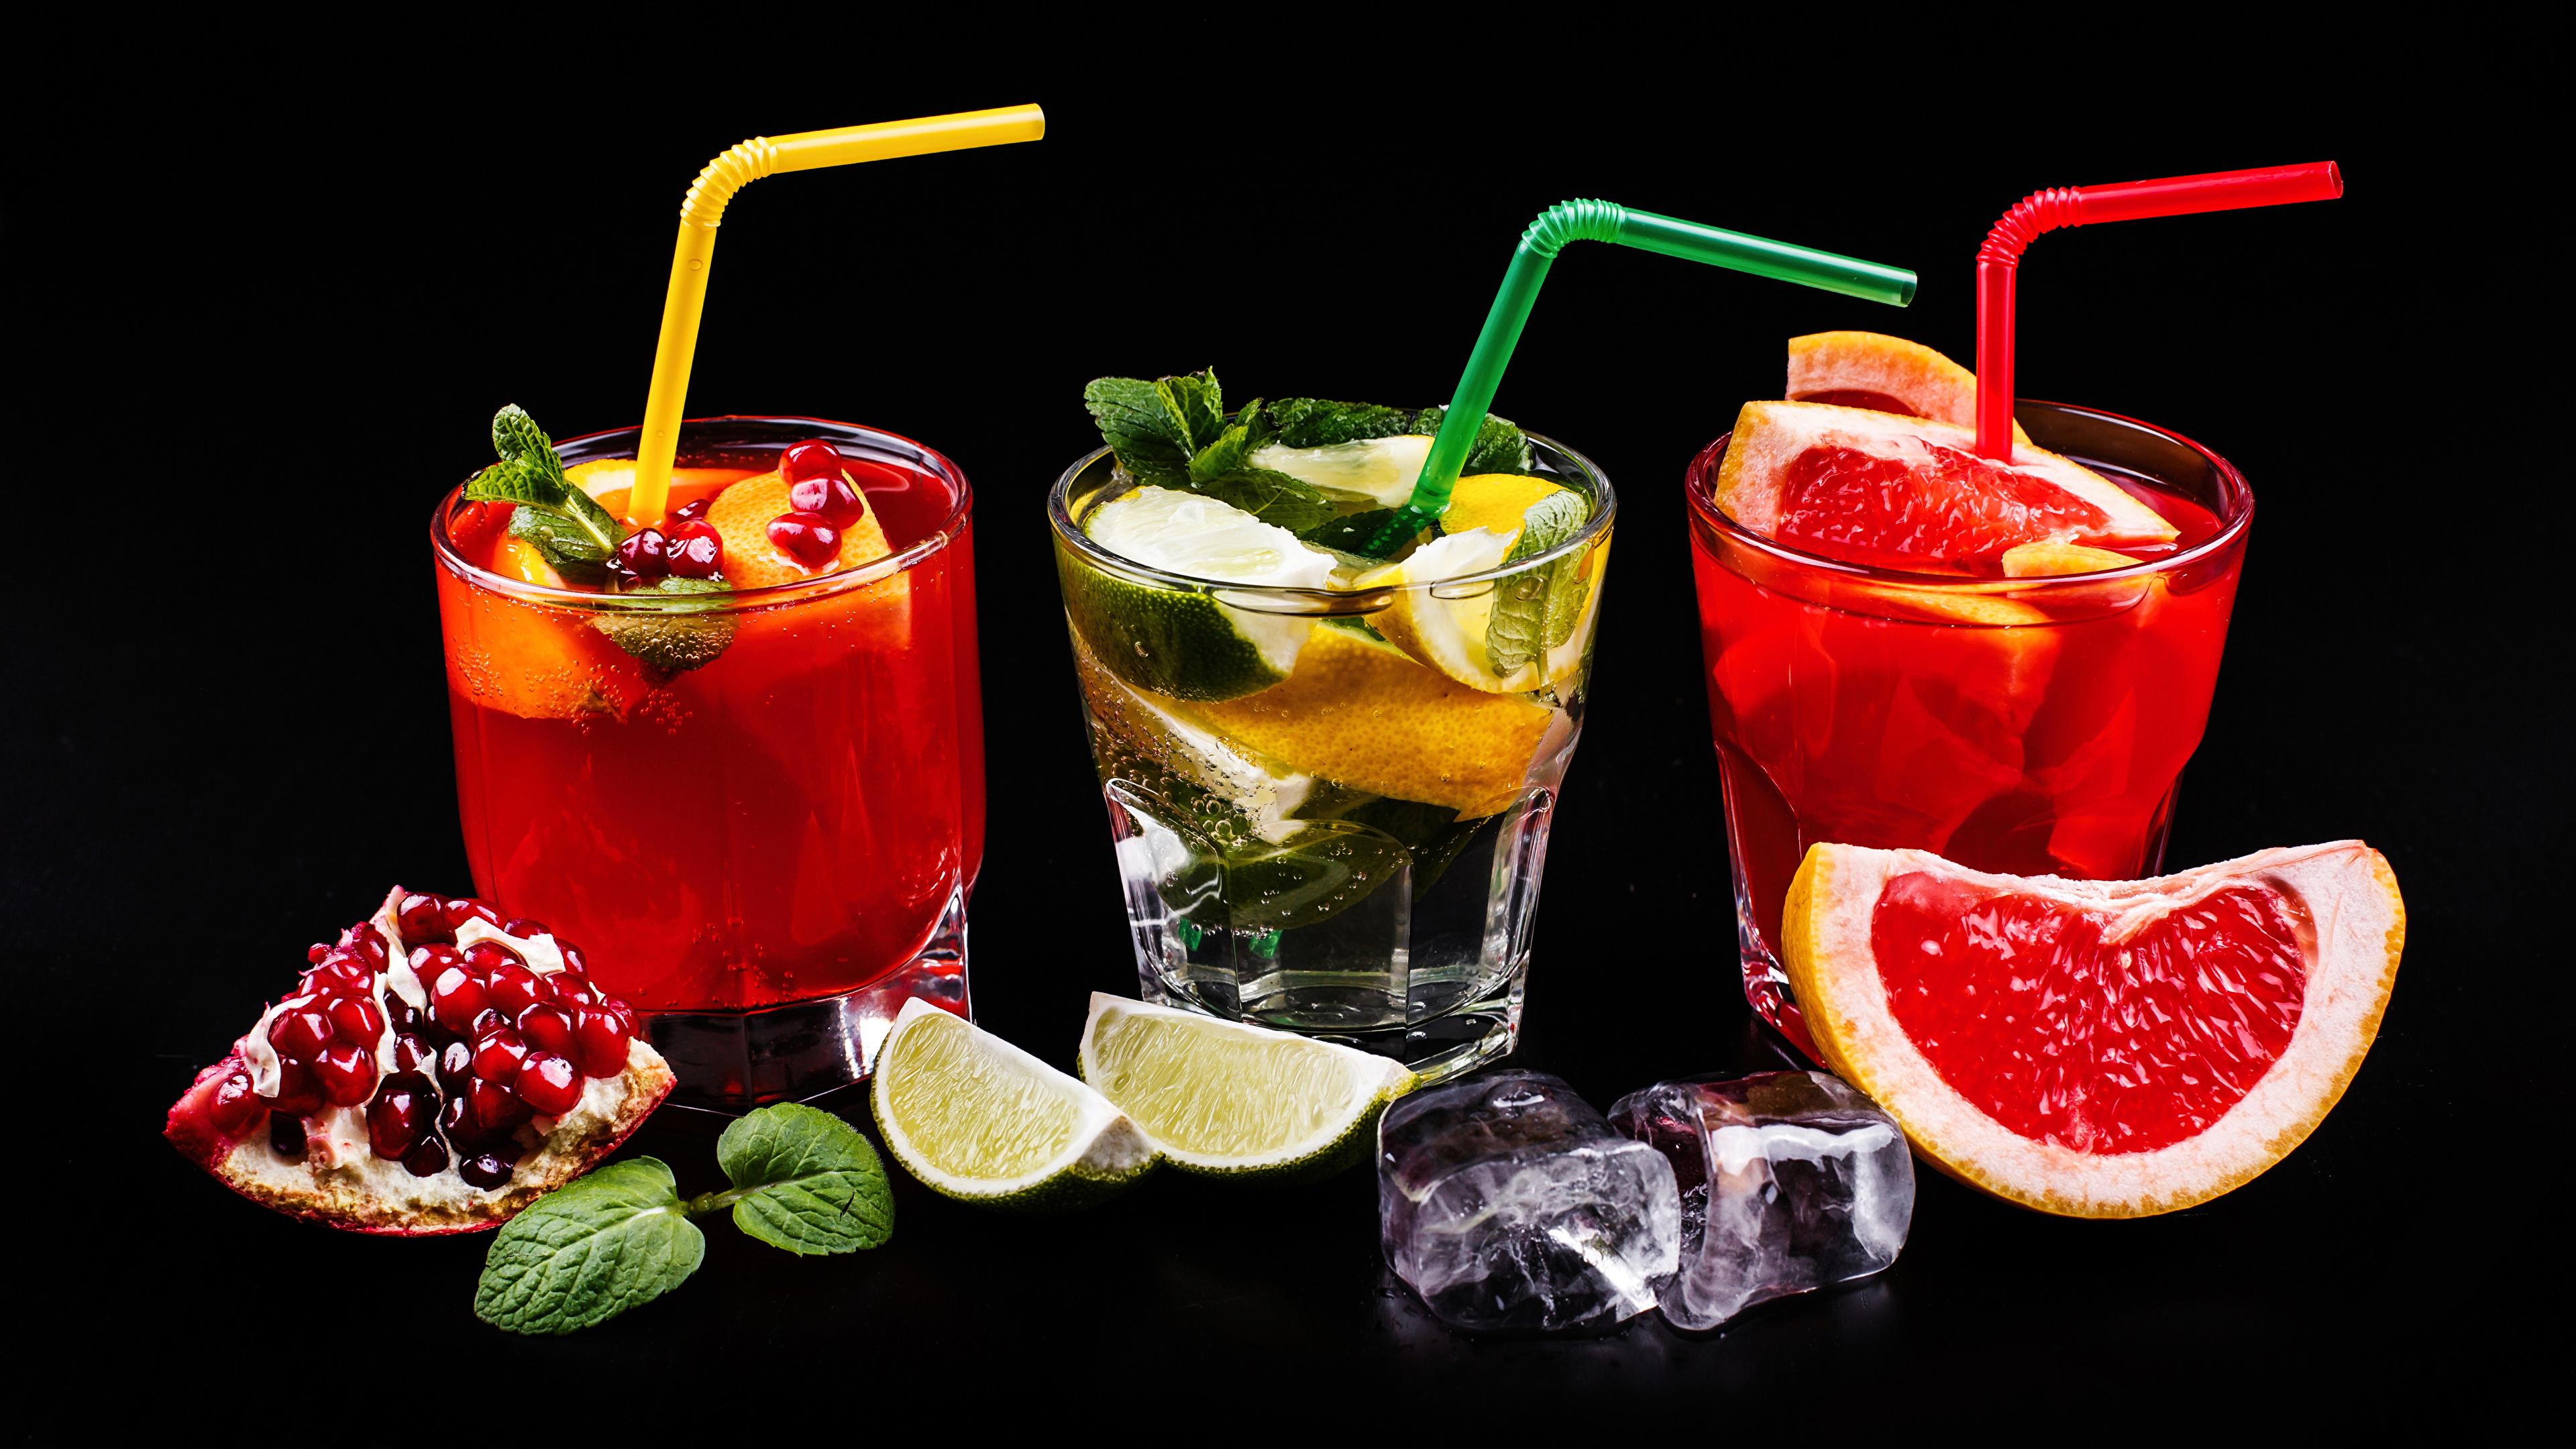 Обои Алкогольные напитки Лед Лайм Грейпфрут Стакан Гранат Еда Трое 3 Коктейль Черный фон 3840x2160 Пища втроем Продукты питания